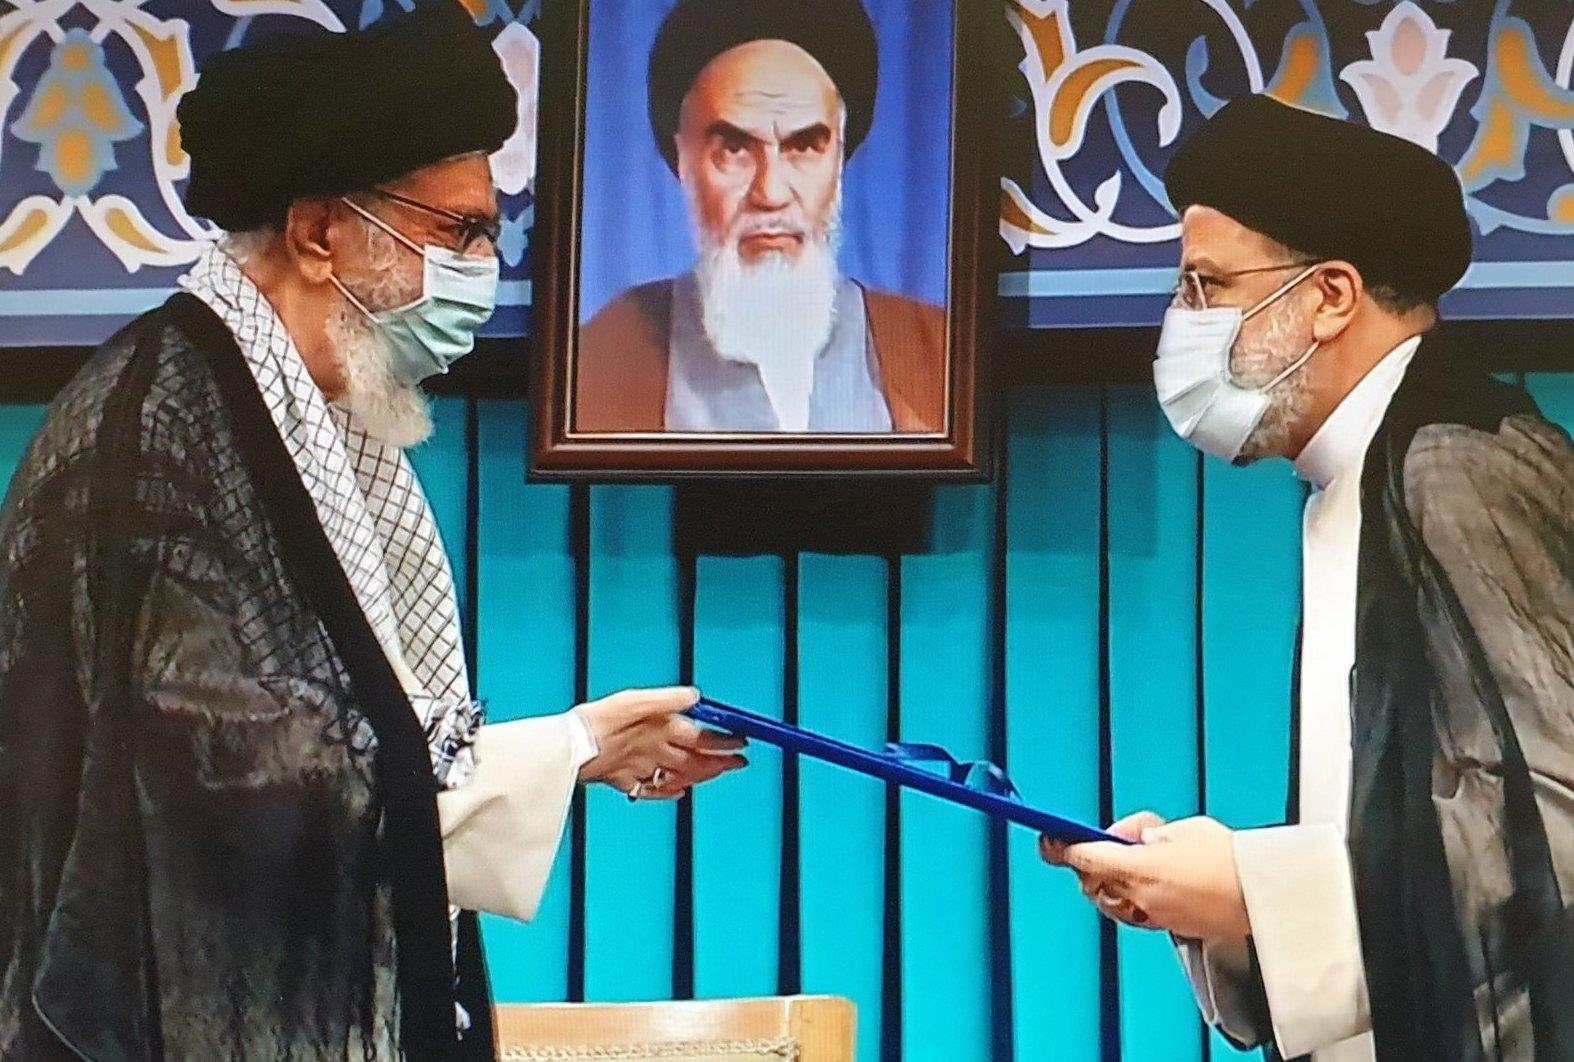 تحديات كبرى في انتظار الرئيس الإيراني الجديد...تحليل محمد الزغول لميدي1